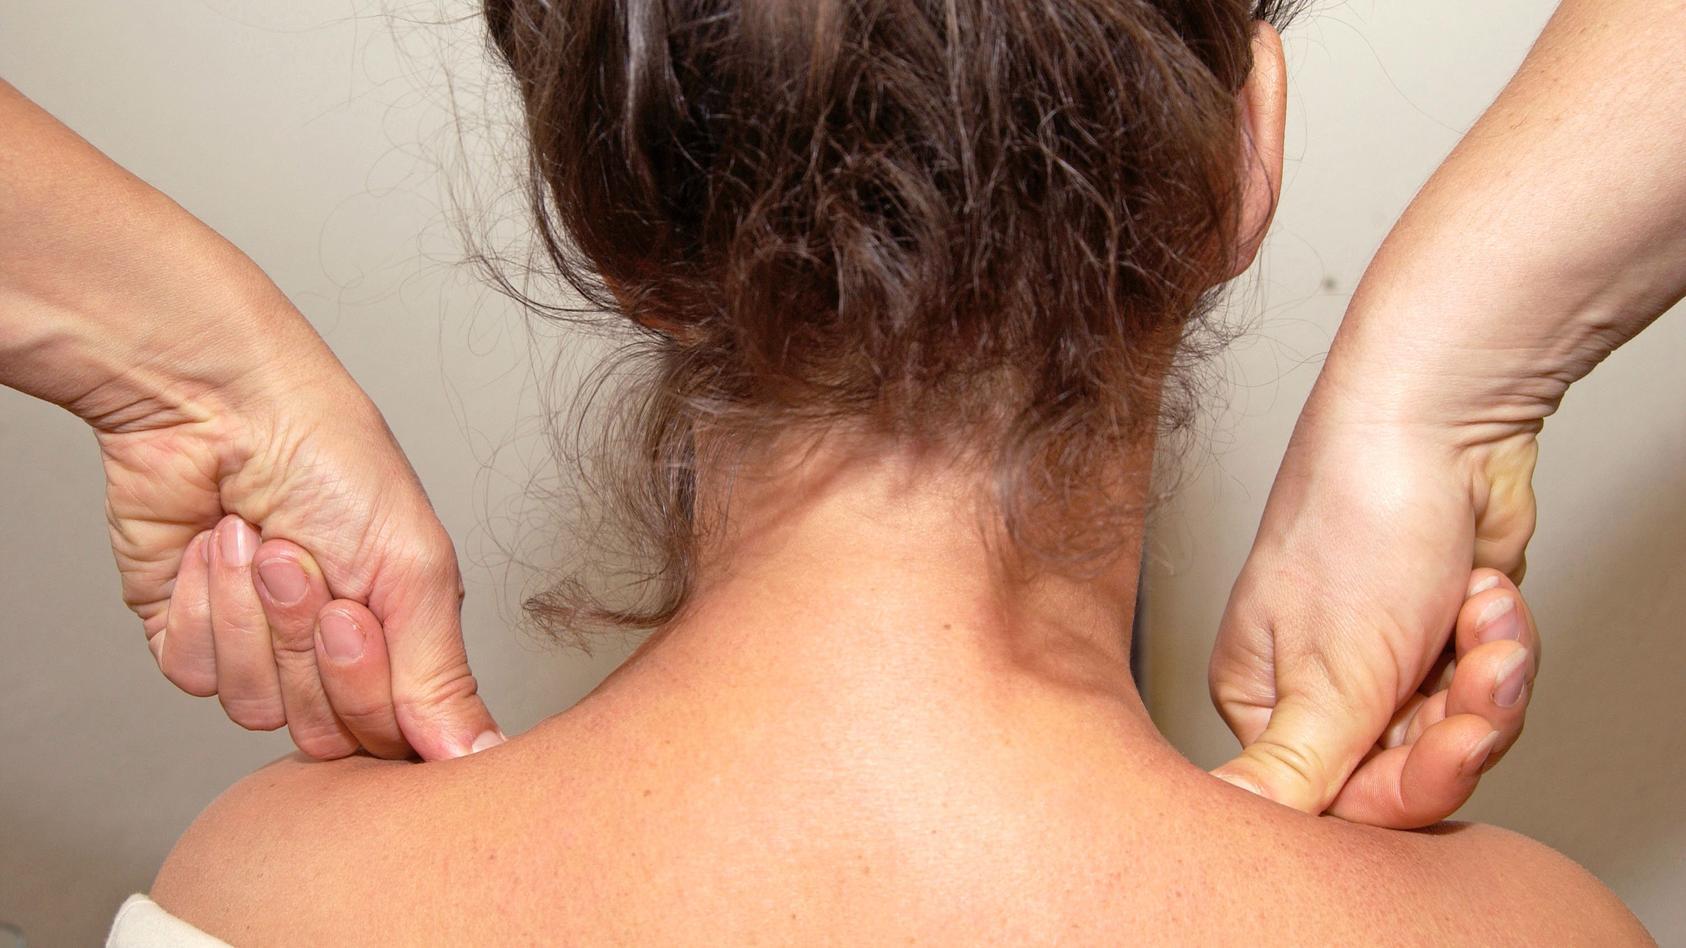 """Tuina bedeutet """"schieben und ziehen"""" - gemeint sind die virtuosen Griffe der traditionellen chinesischen Massage"""